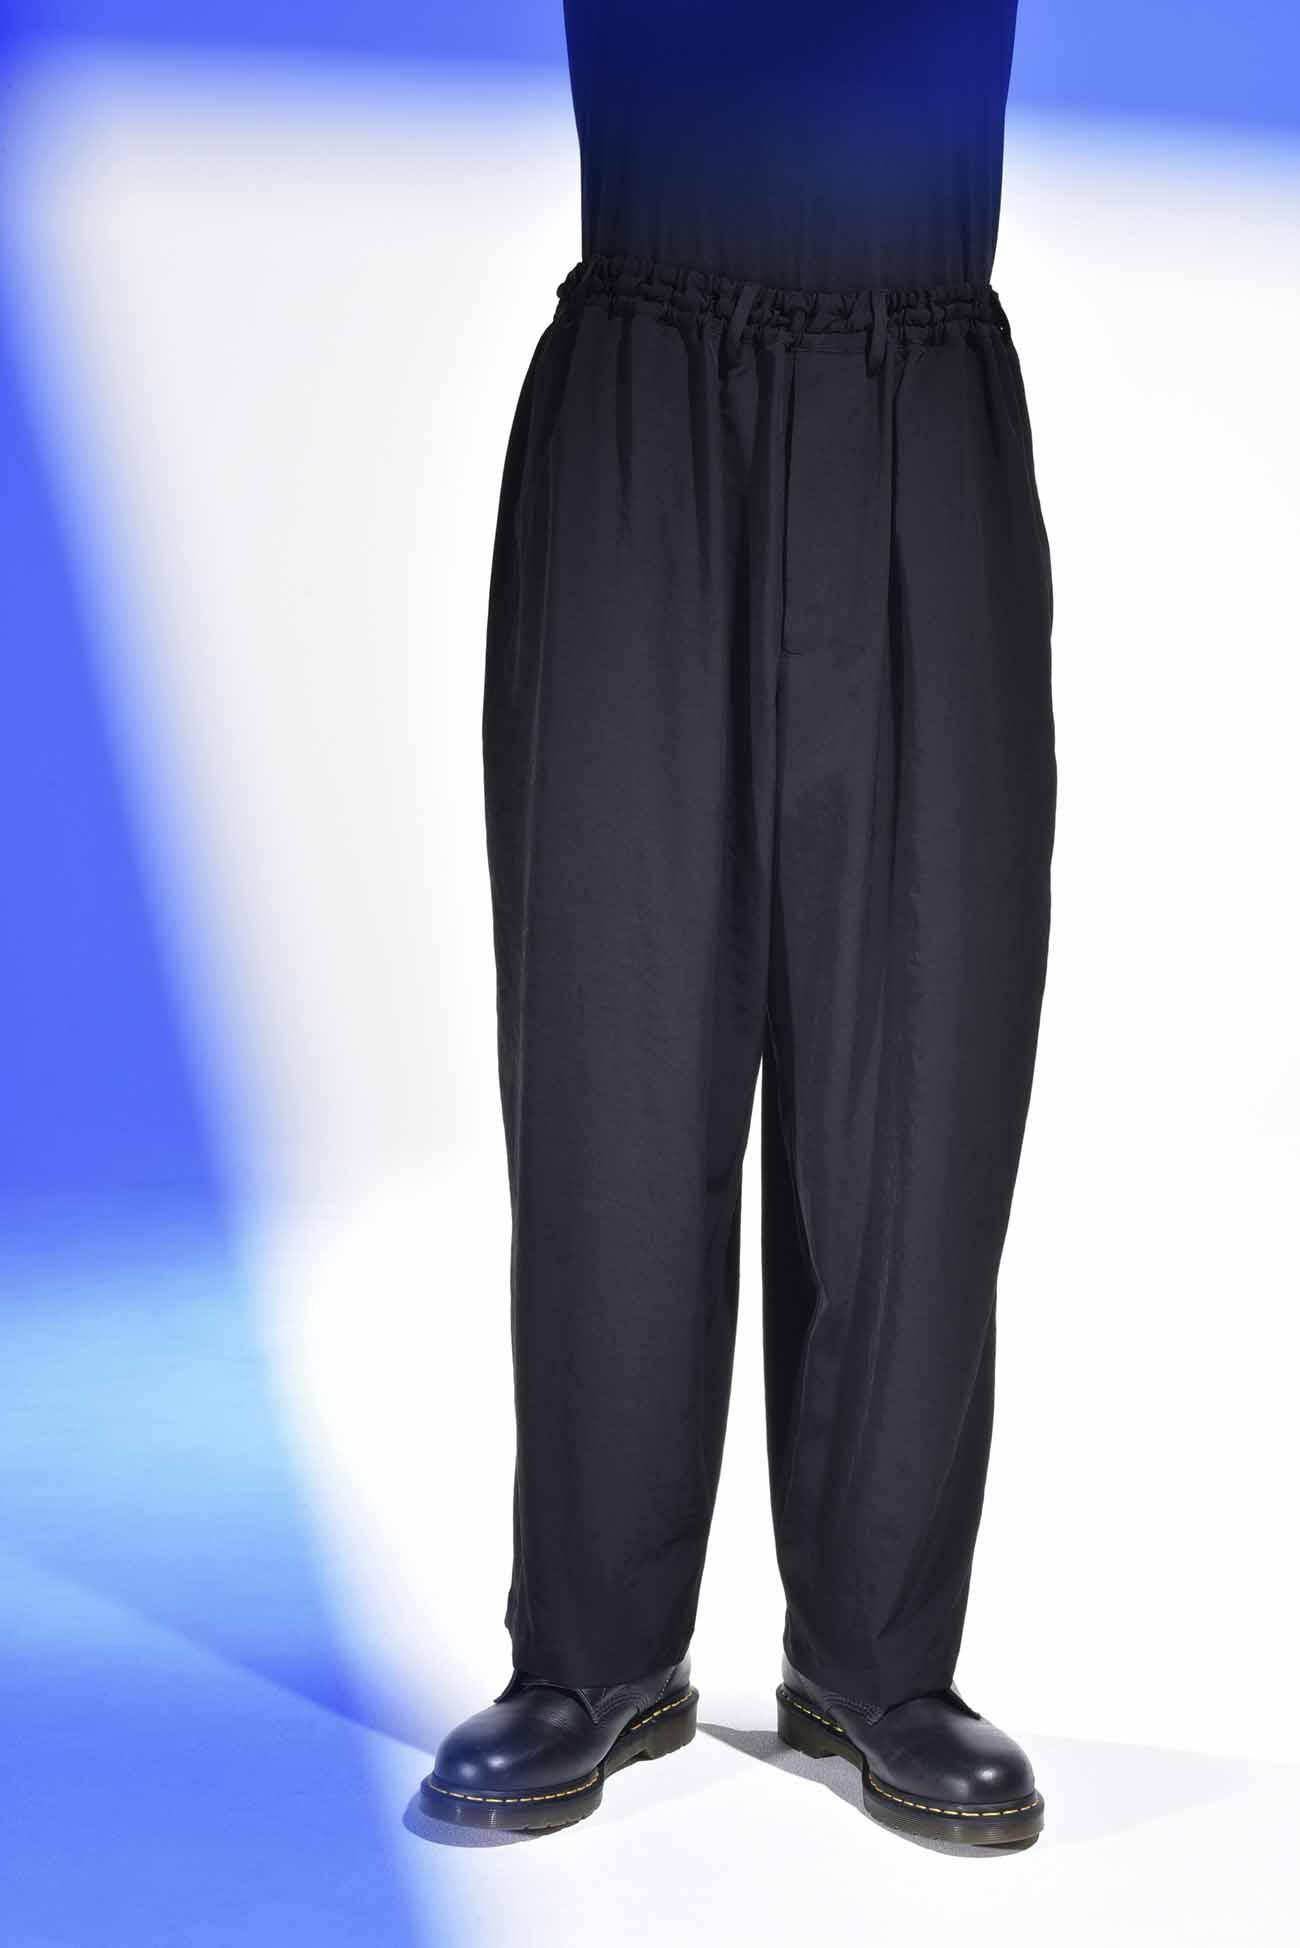 复古风情睡衣风格长裤